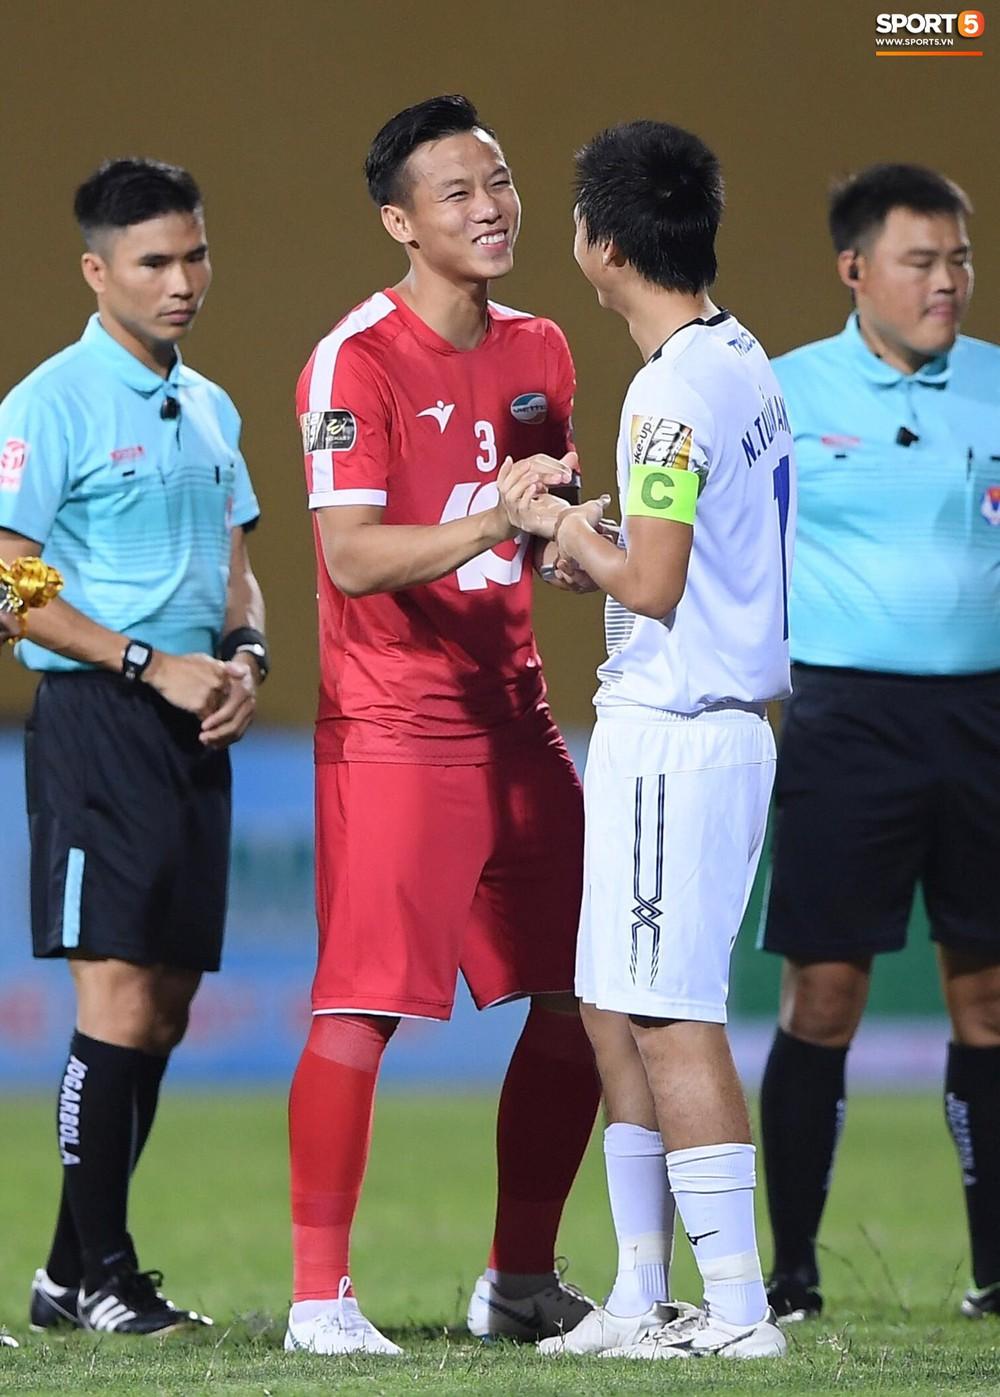 Dàn tuyển thủ Việt Nam hội ngộ trong trận Viettel gặp HAGL - Ảnh 2.